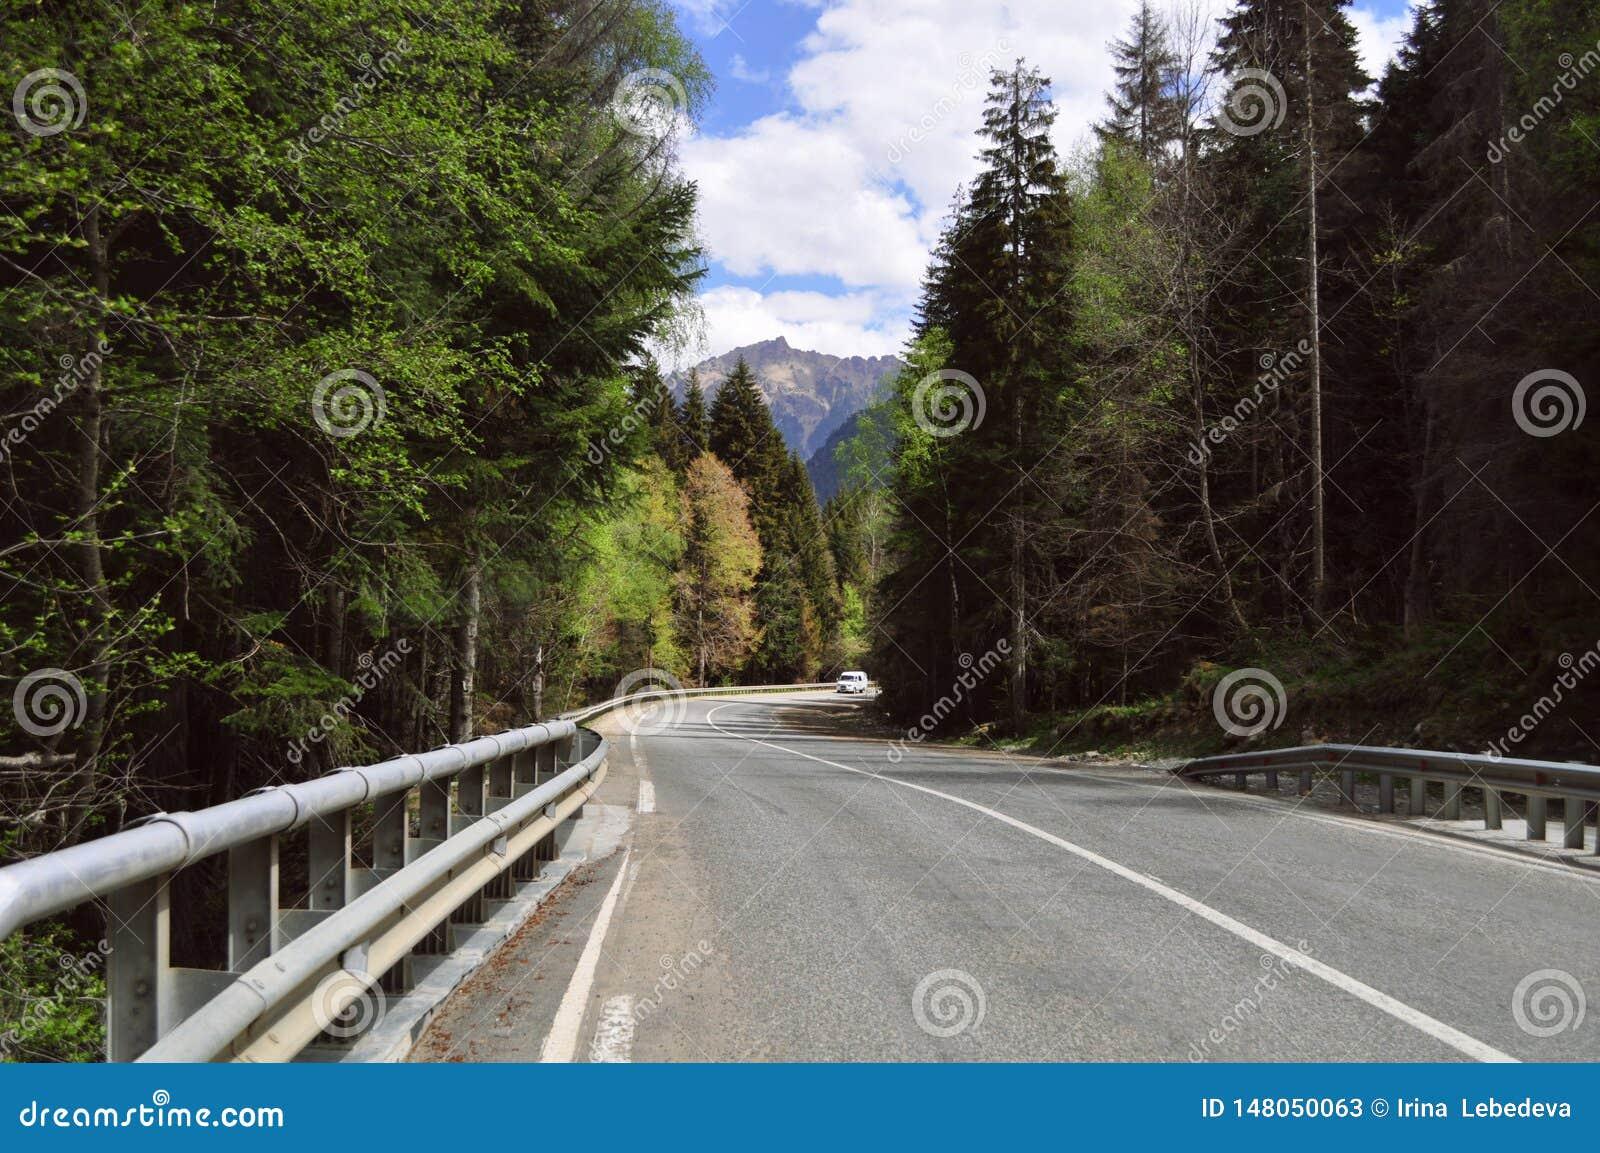 Reis in de zomer op de weg in een auto met een mooie mening van de bergen in Rusland, de Kaukasus